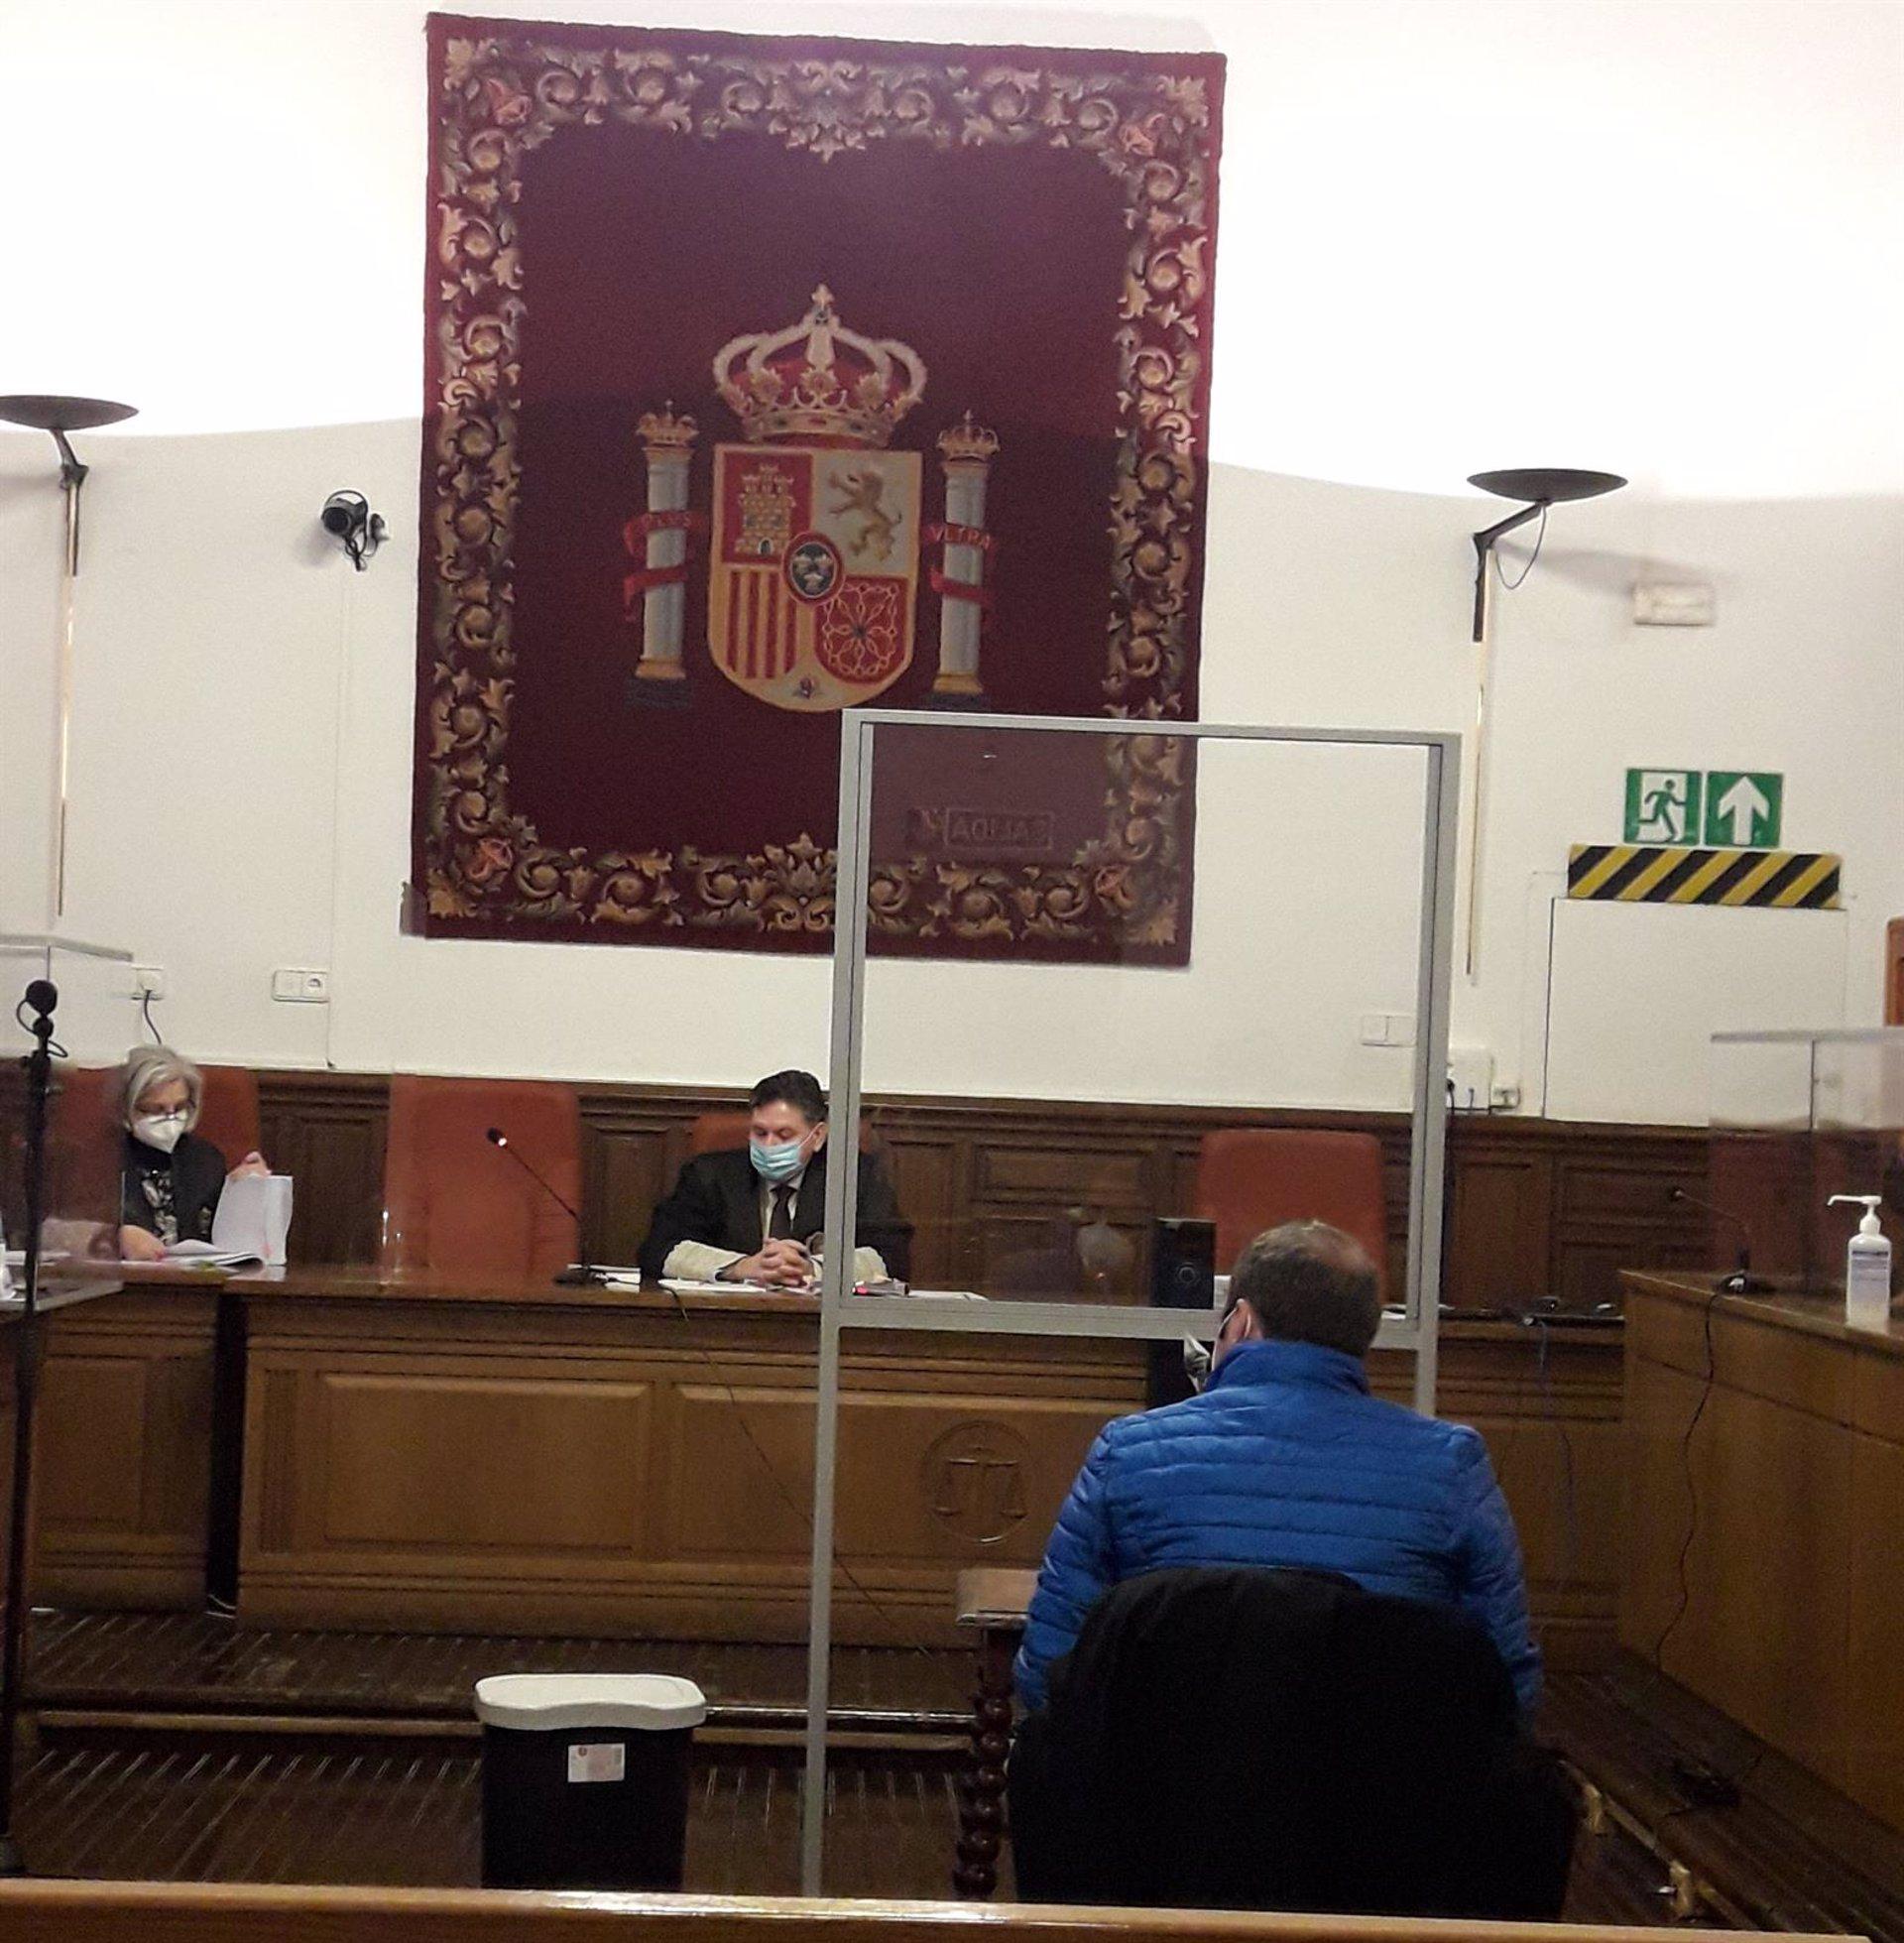 Declaran culpable al exalcalde de Castril de contratar líneas eróticas en el móvil municipal